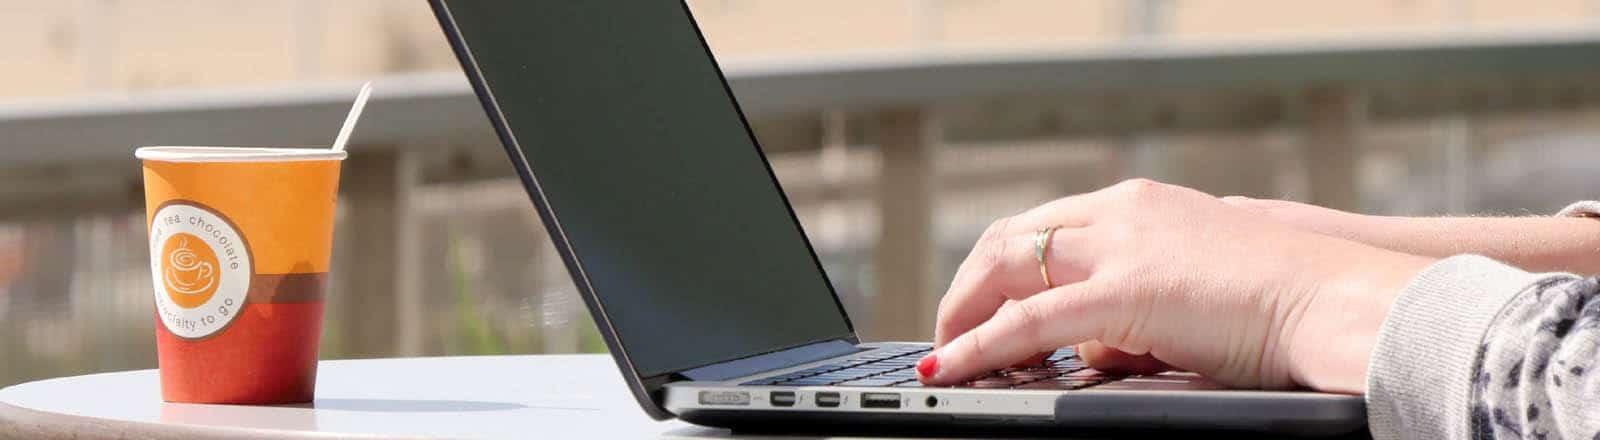 wifi-gratuit-pays-de-saint-jean-de-monts